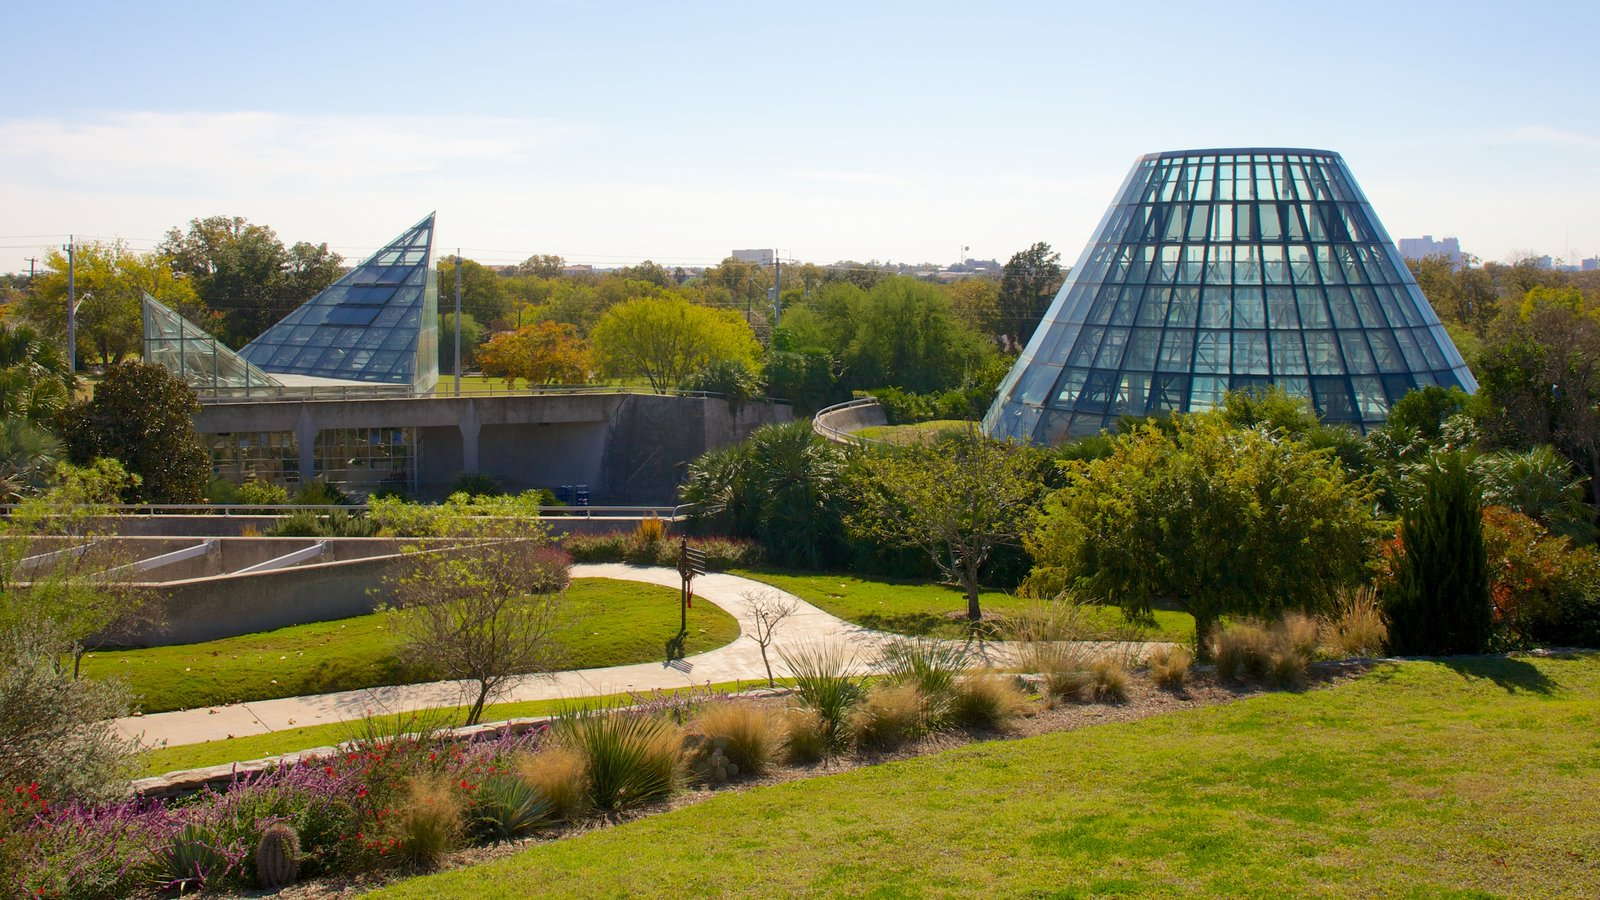 San Antonio Botanical Gardens que inclui um jardim e arquitetura moderna